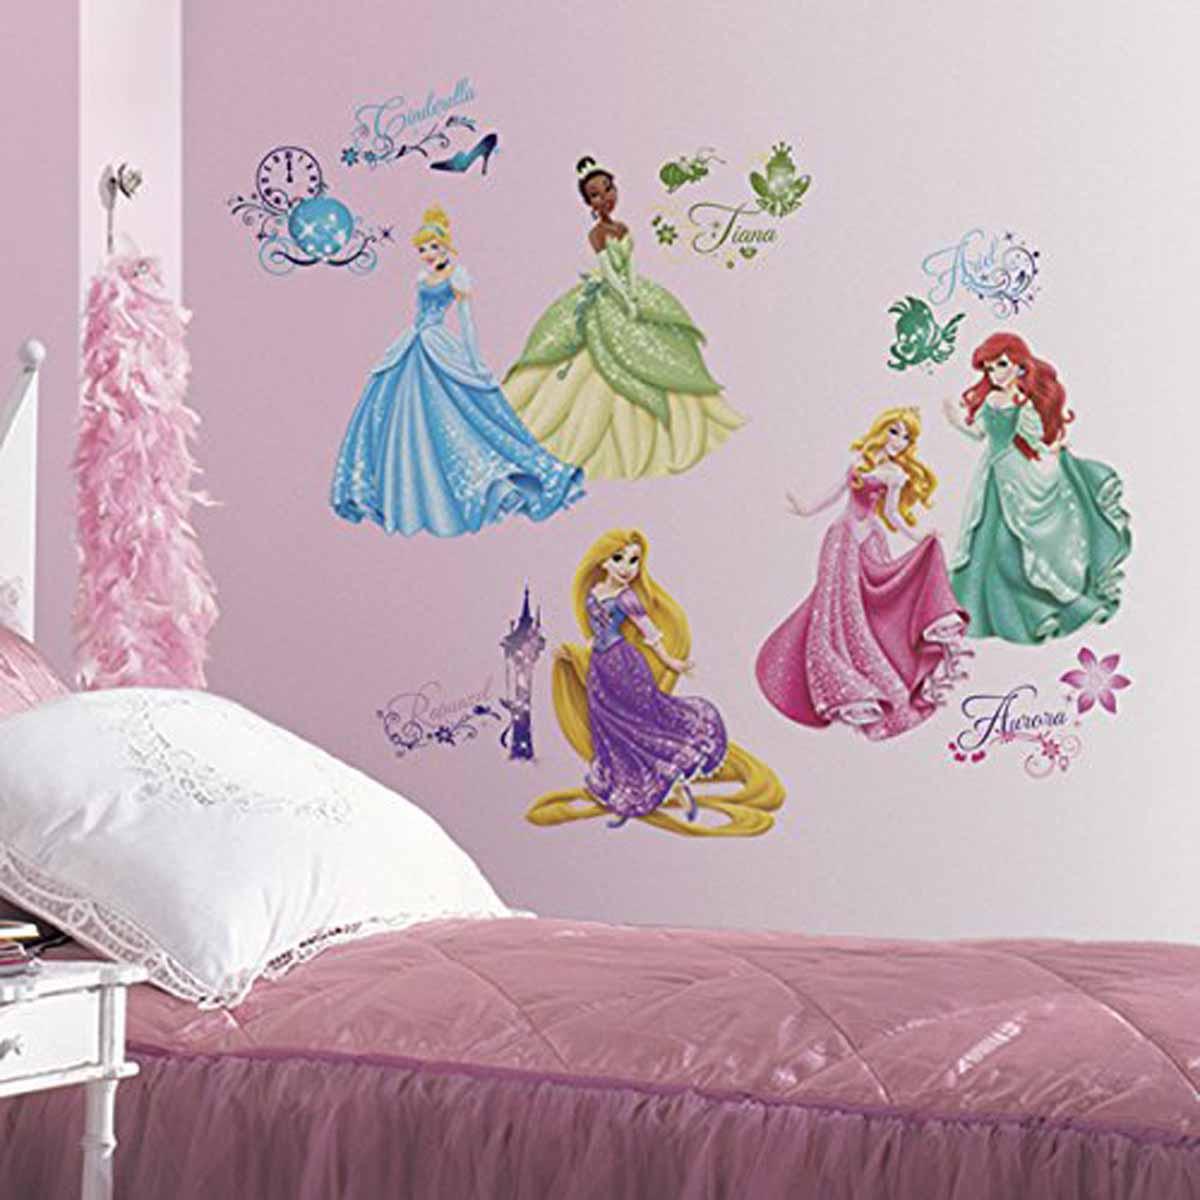 RoomMates Наклейки для декора Принцессы Дисней300132Наклейки для декора Дисней: Принцессы от знаменитого производителя RoomMates станут украшением вашей квартиры! Привнесите магию Диснея в комнату вашего ребенка с новым увлекательным набором наклеек для декора! Наклейки, входящие в набор, содержат изображения знаменитых диснеевских принцесс в окружении элементов, присутствующих в мультфильмах. Всего в наборе 37 стикеров. Наклейки не нужно вырезать - их следует просто отсоединить от защитного слоя и поместить на стену или любую другую плоскую гладкую поверхность. Наклейки многоразовые: их легко переклеивать и снимать со стены, они не оставляют липких следов на поверхности. В каждой индивидуальной упаковке вы можете найти 4 листа с различными наклейками! Таким образом, покупая наклейки фирмы RoomMates, вы получаете гораздо больший ассортимент наклеек, имея возможность украсить ими различные поверхности в доме.